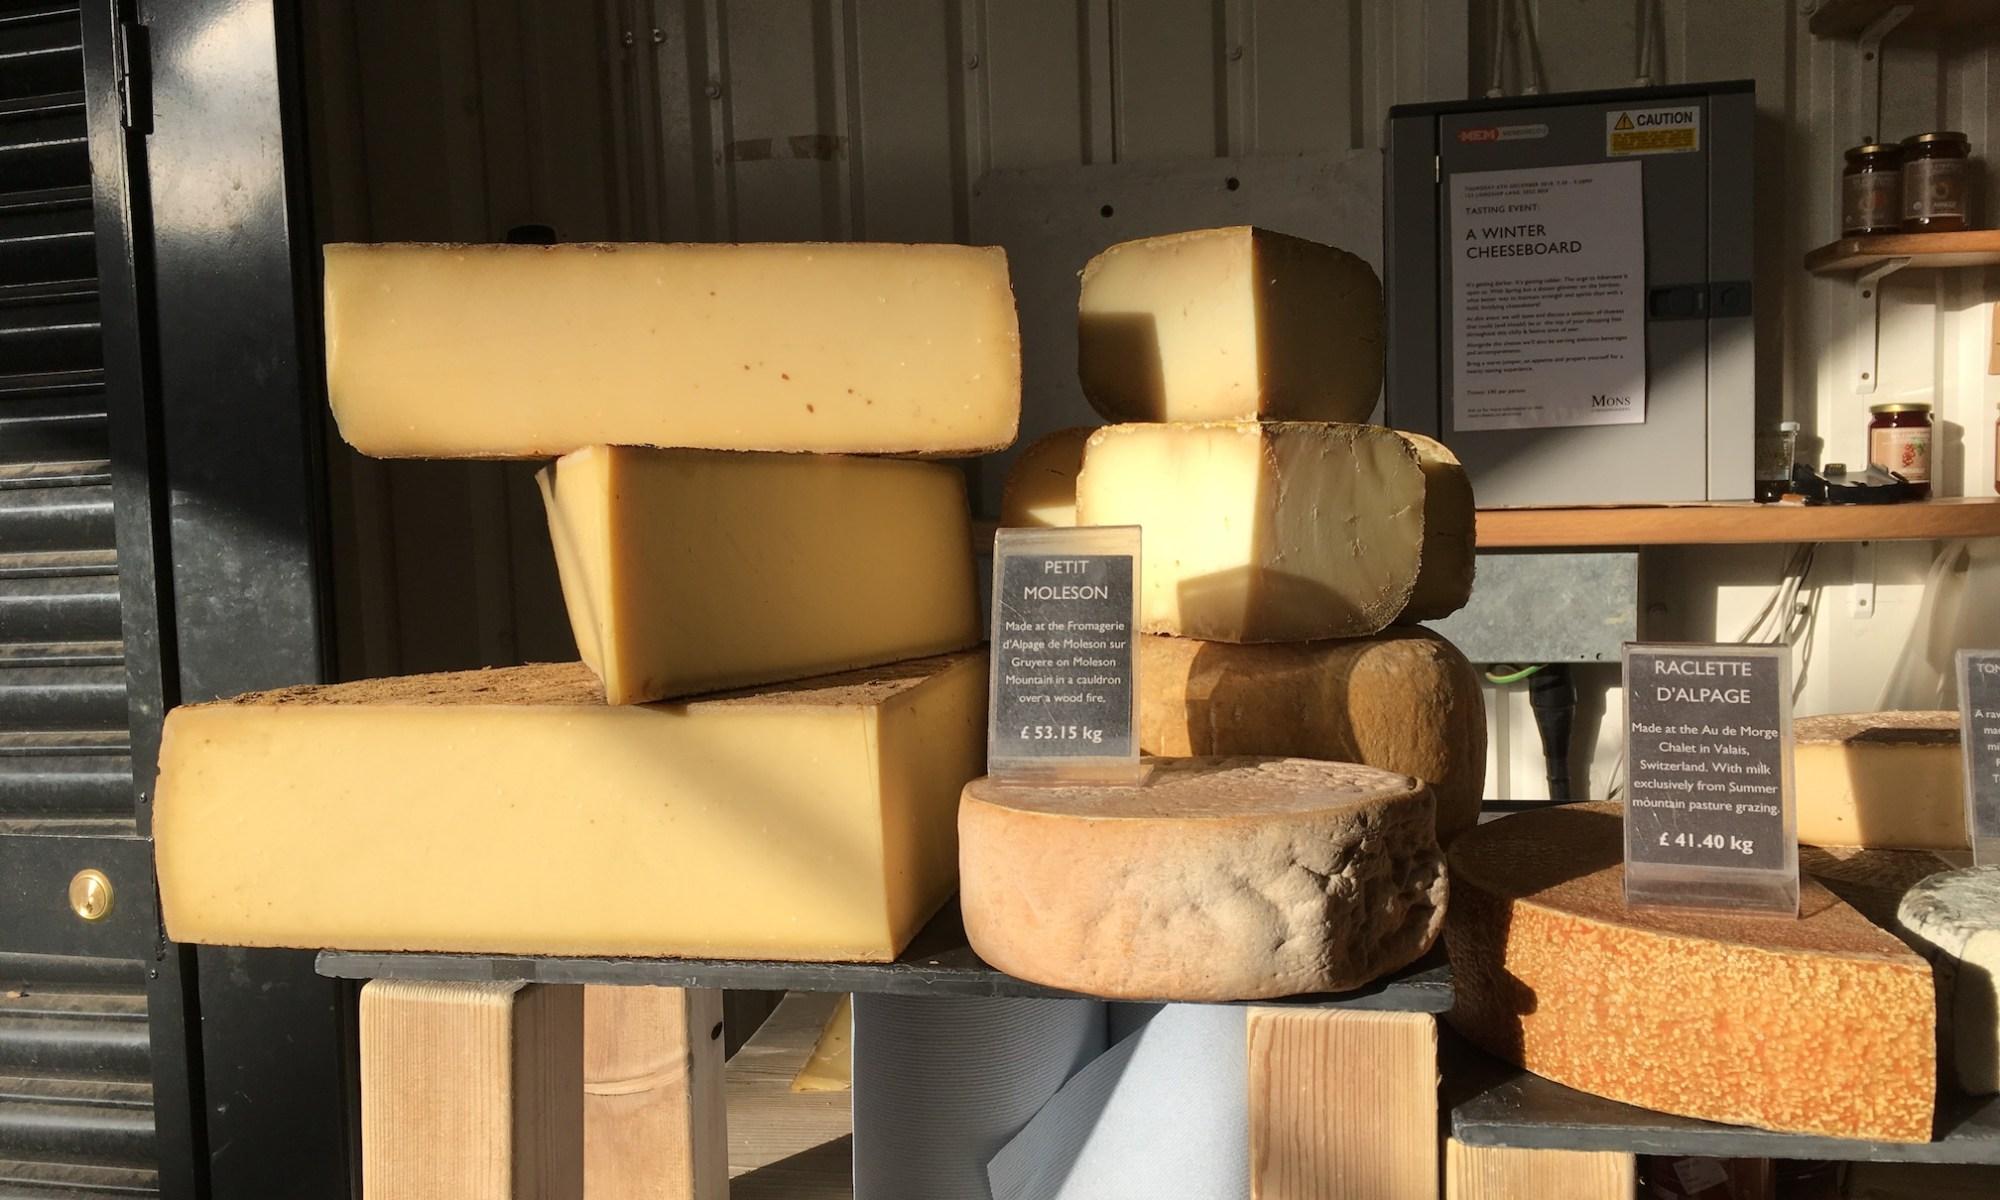 Swiss cheeses